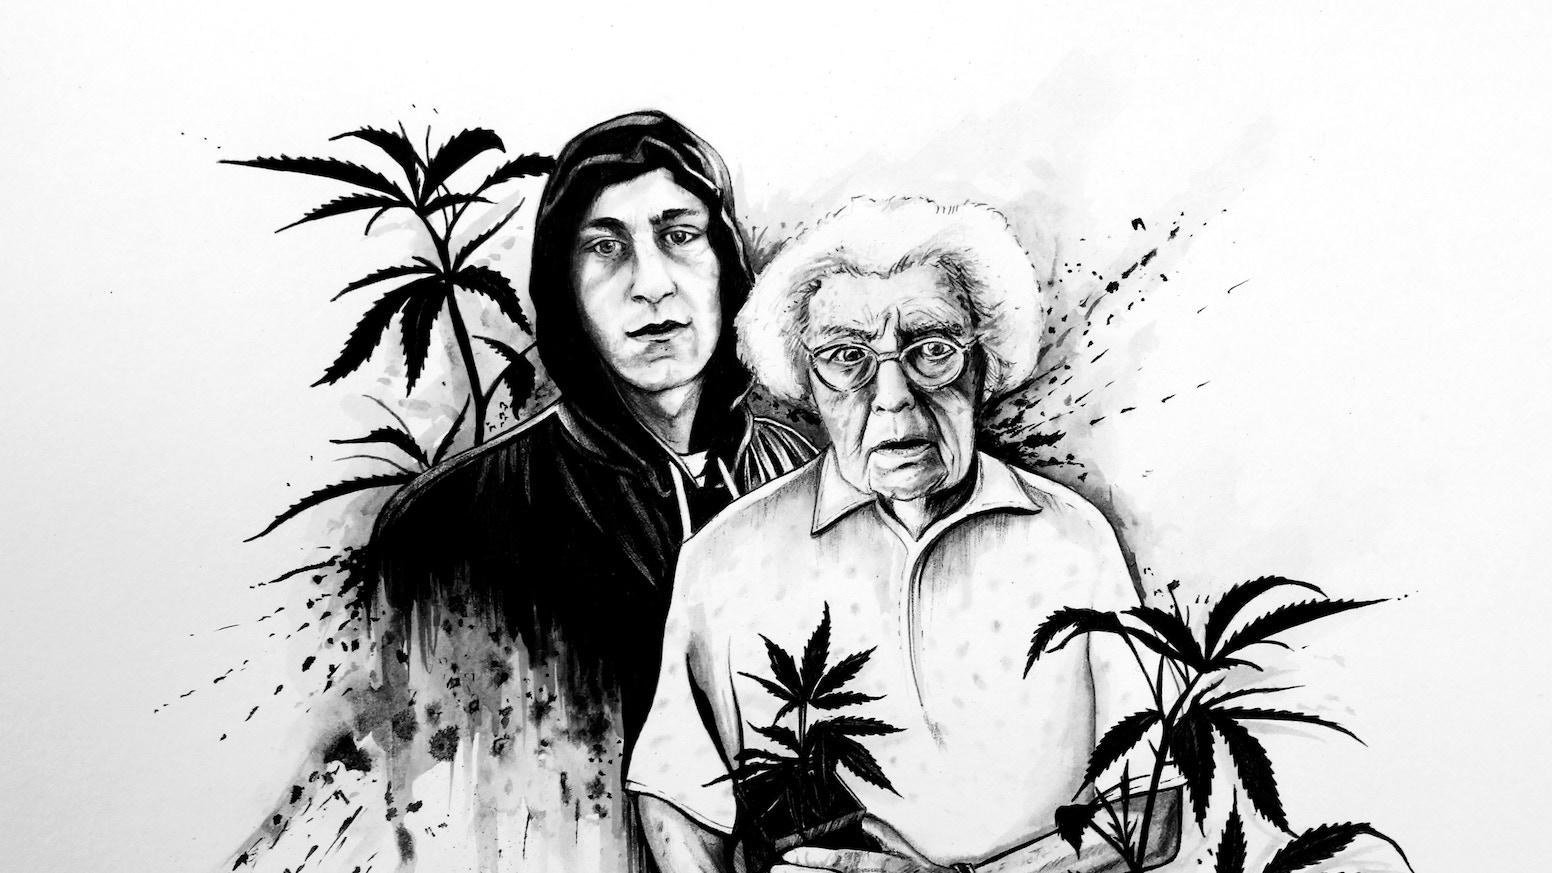 Margie The Farmer Short Film By Ash Morris Kickstarter